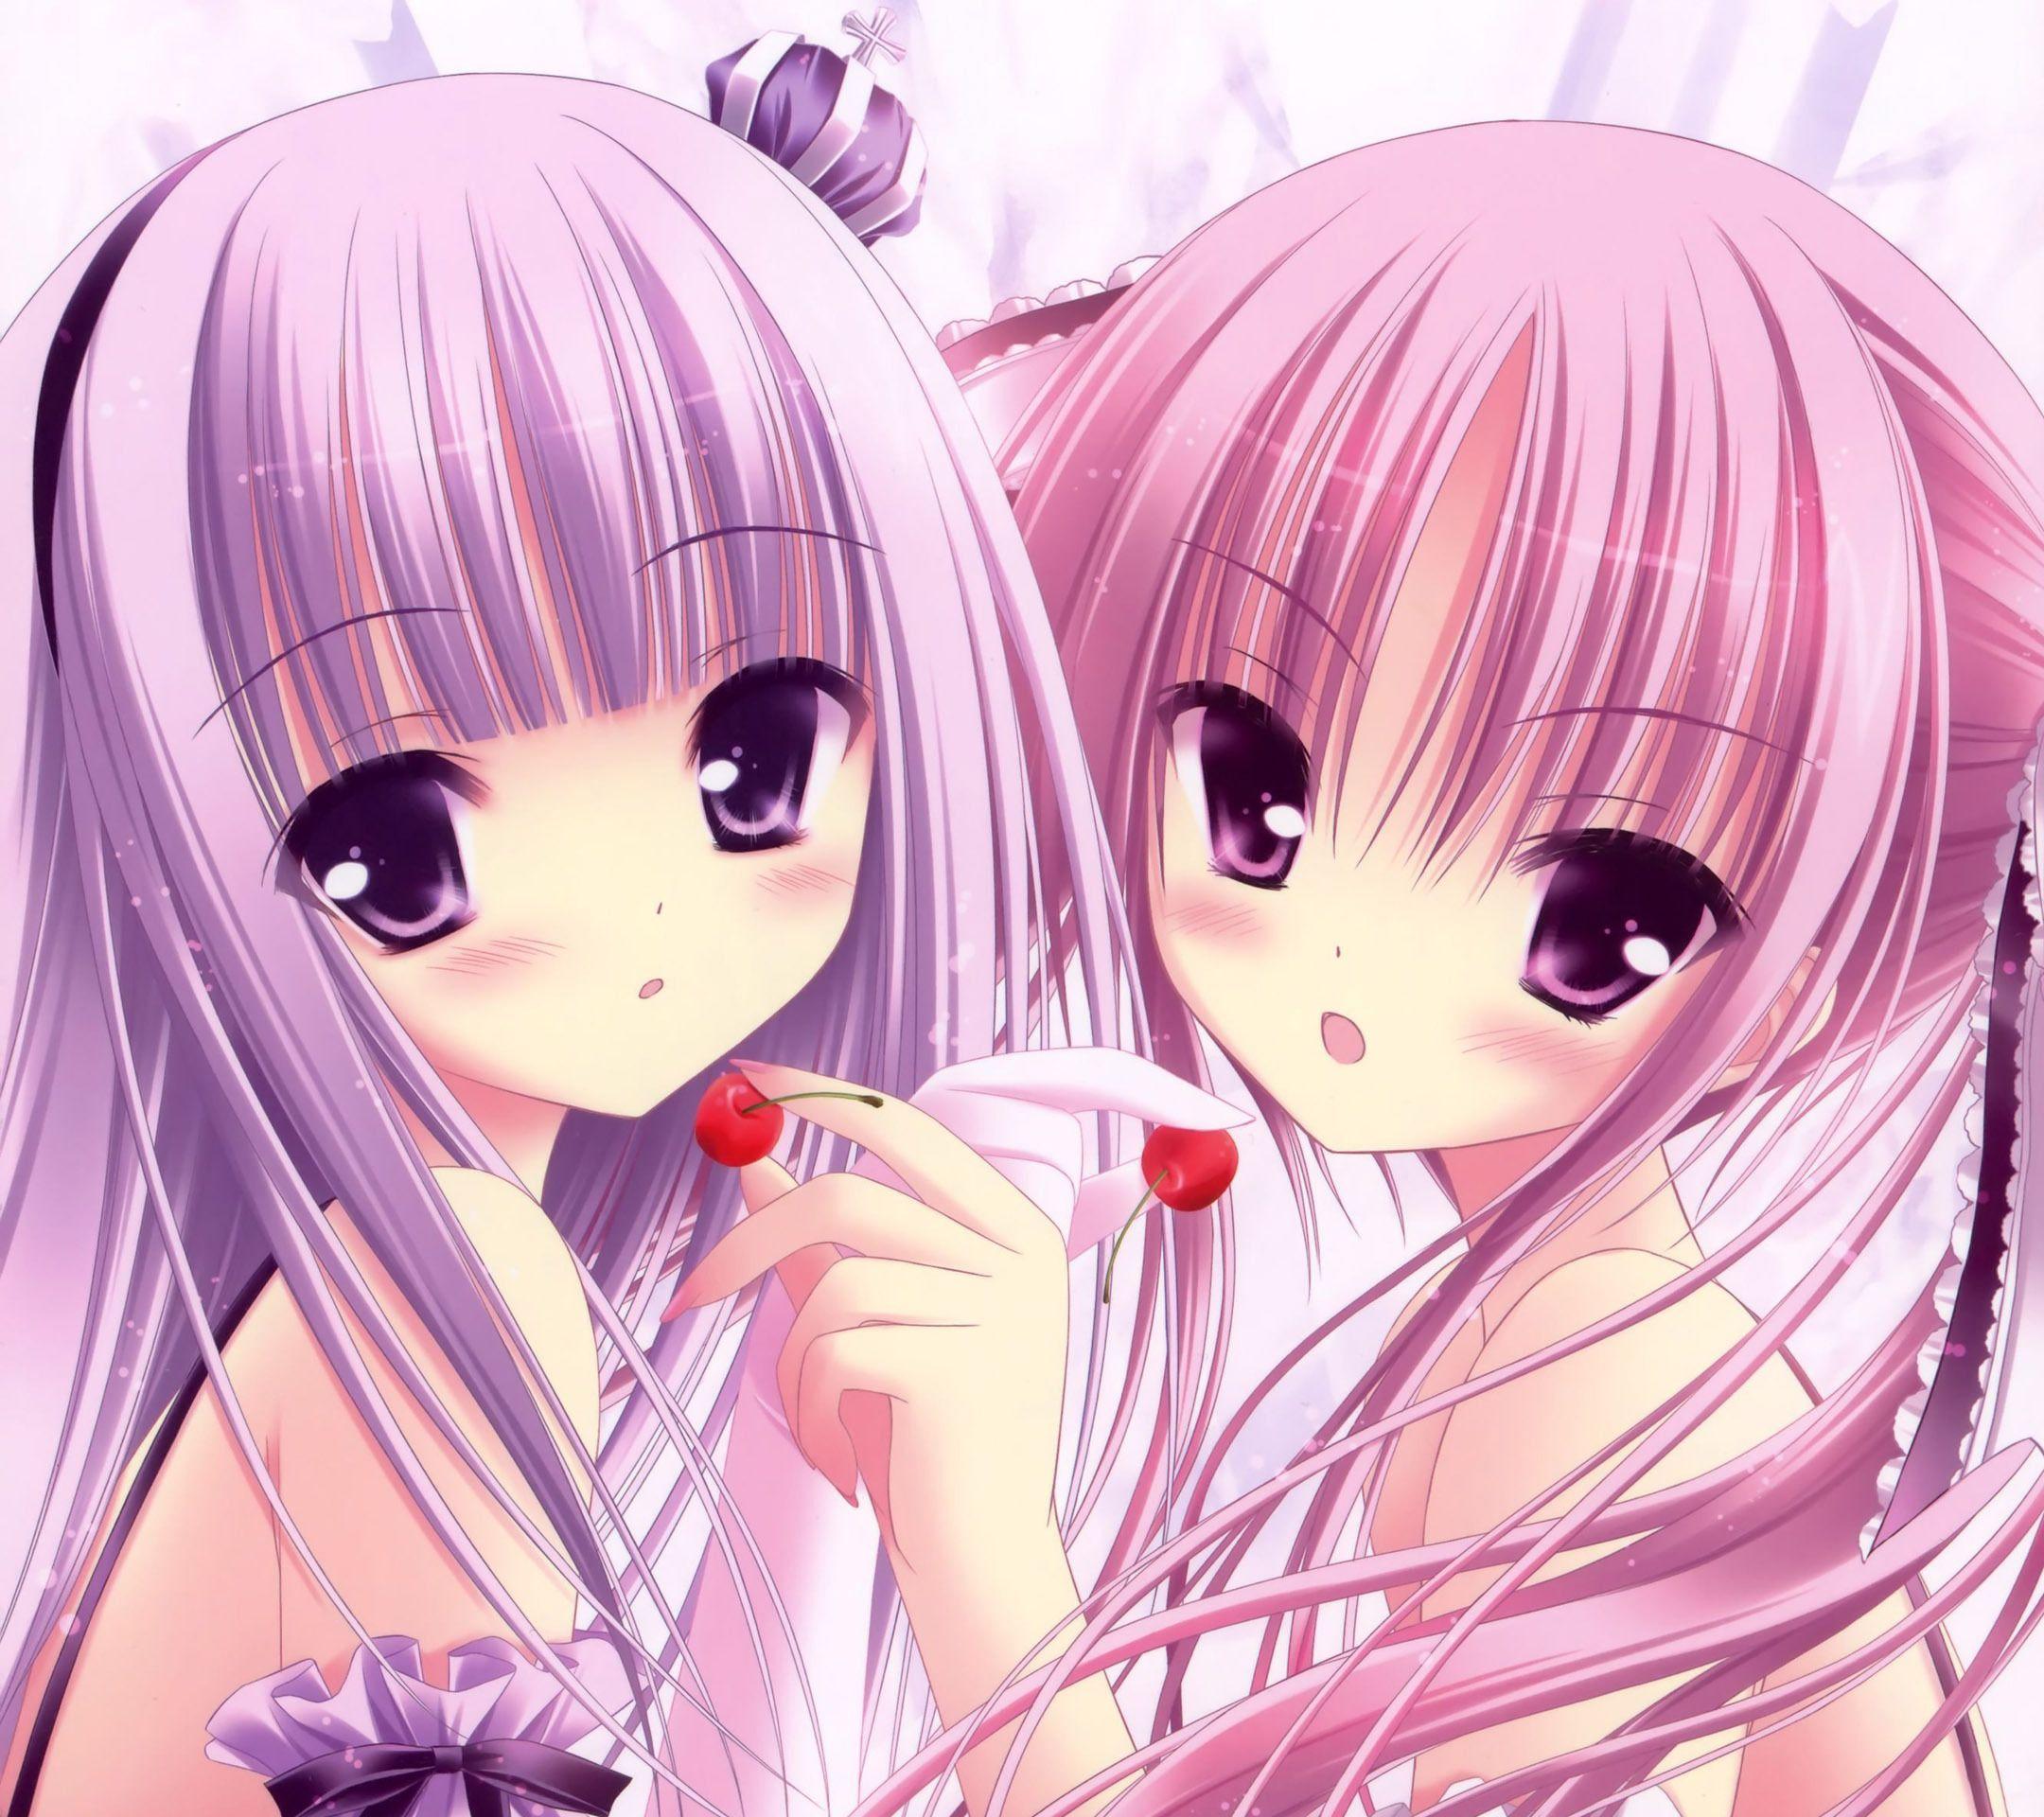 Pink Anime Wallpapers Group   Data-src /img/337112 - Cute Kawaii Anime Girl - HD Wallpaper